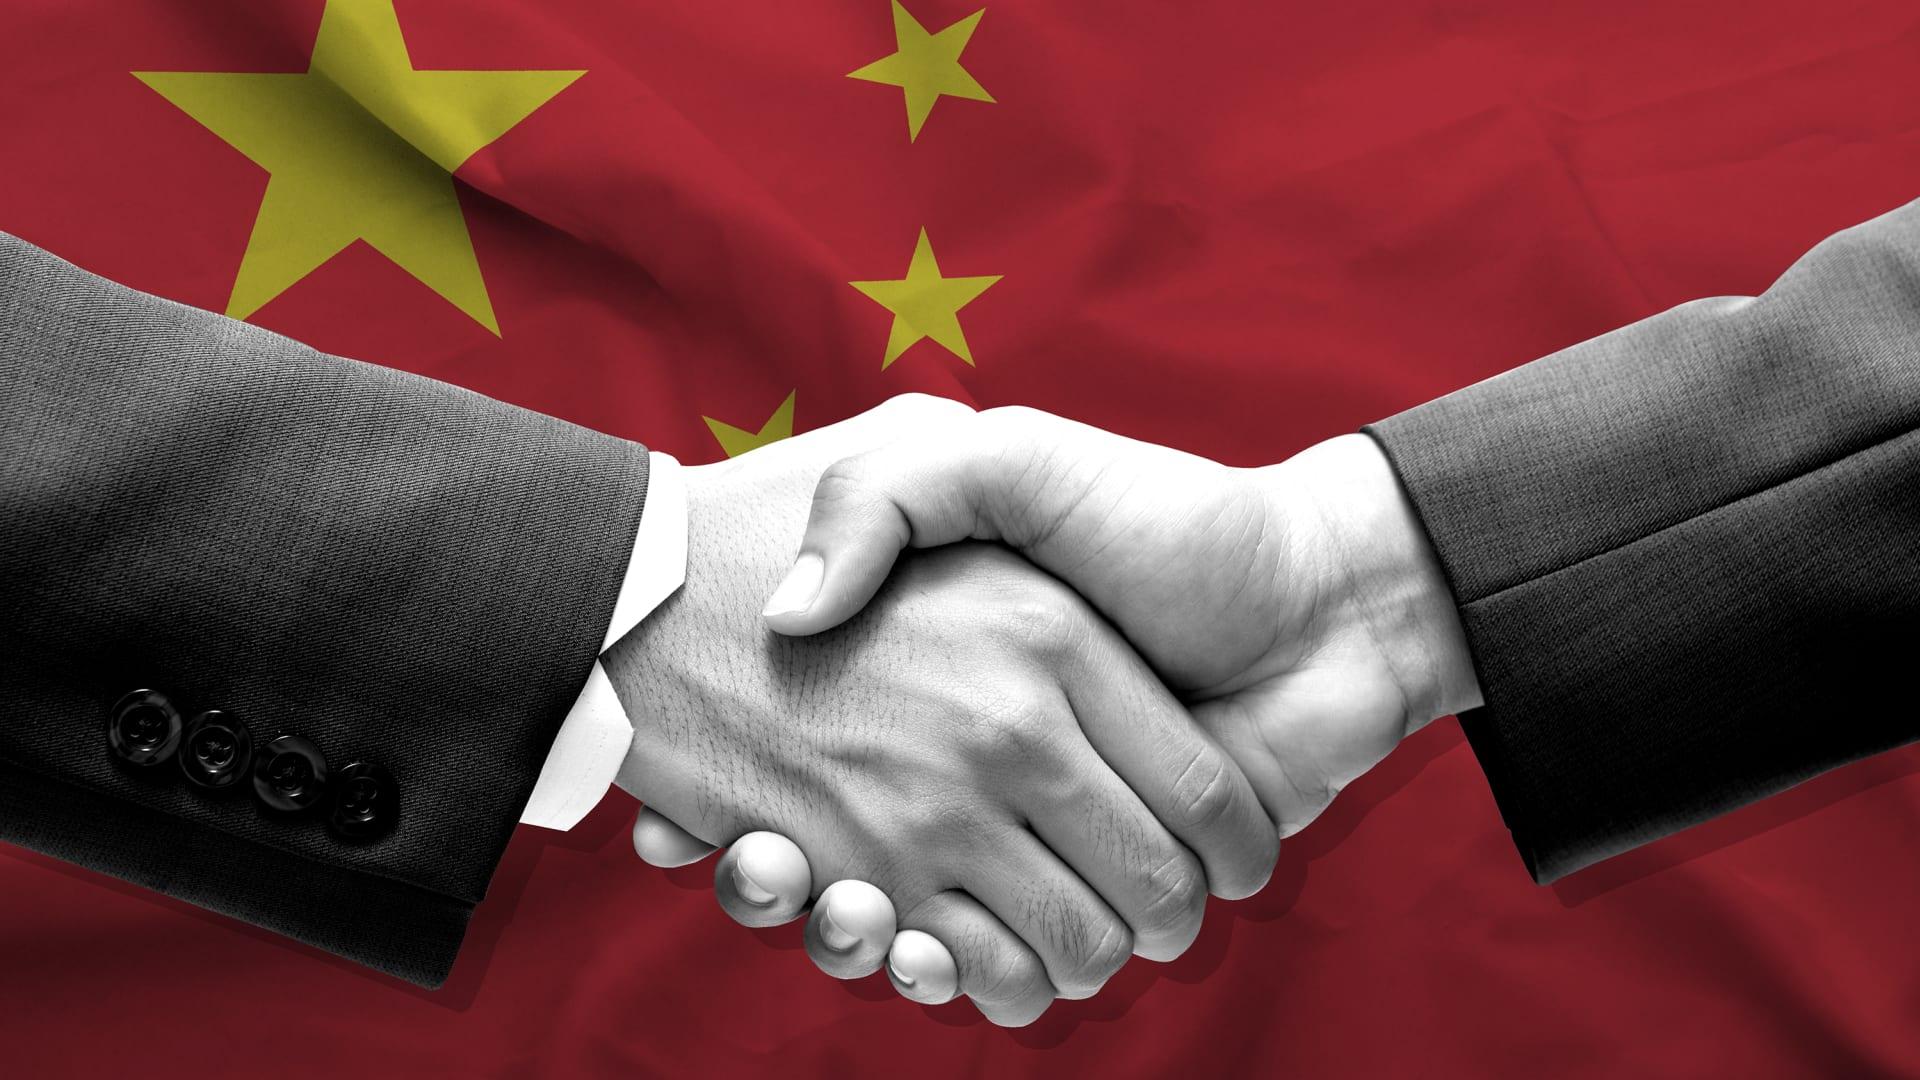 ثاني أكبر اقتصادات العالم.. ما حجم استثمارات الصين في الدول العربية؟